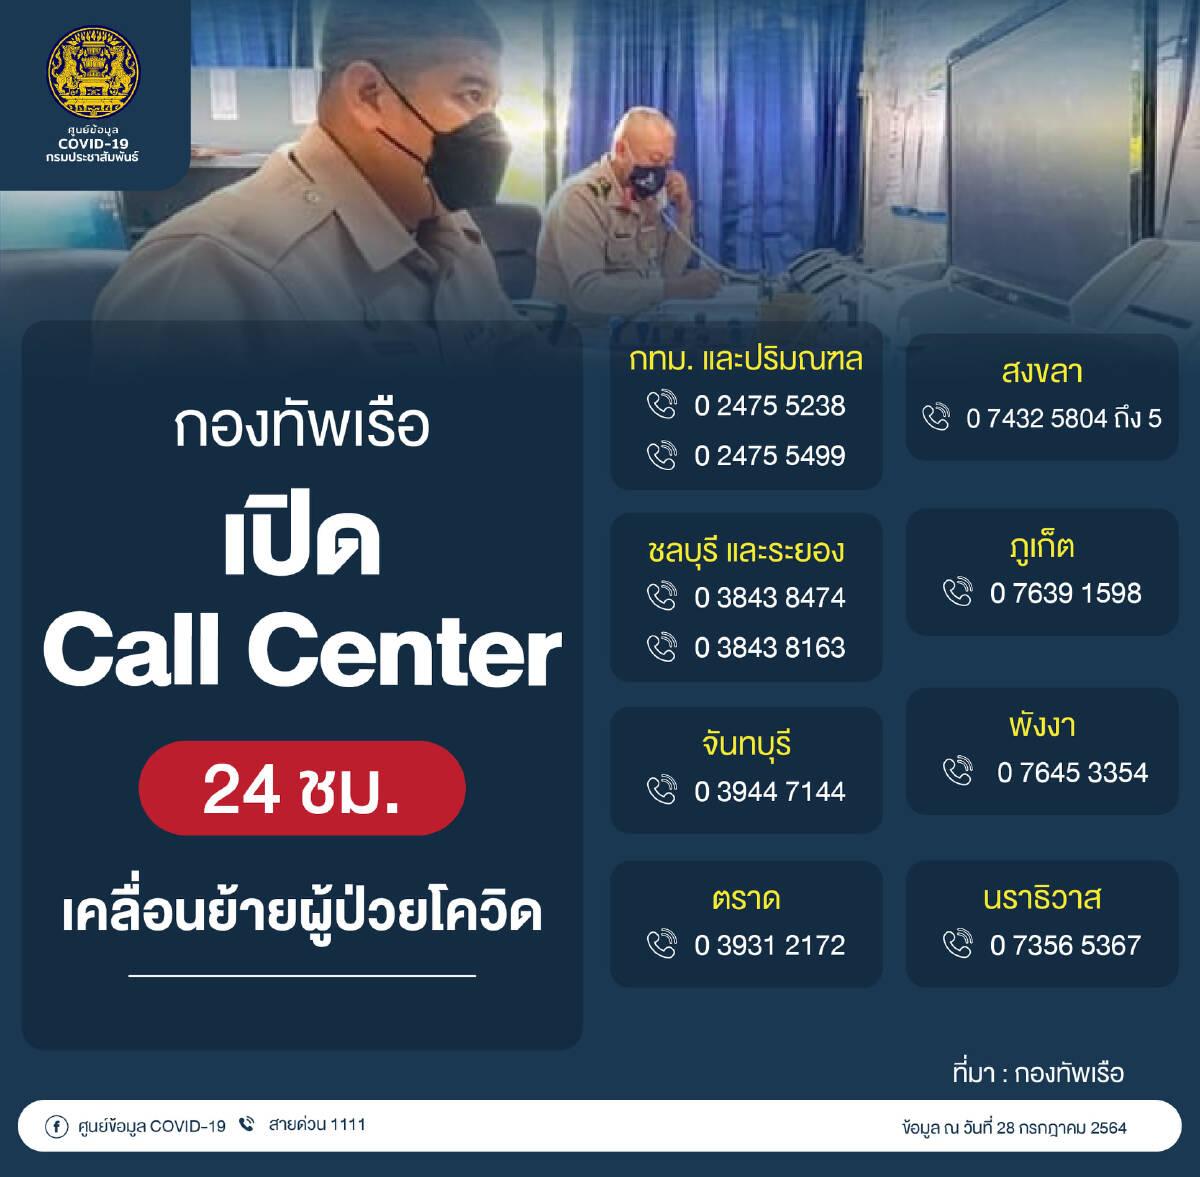 กองทัพเรือ เปิด call center เคลื่อนย้ายผู้ป่วยโควิด 24 ชม.